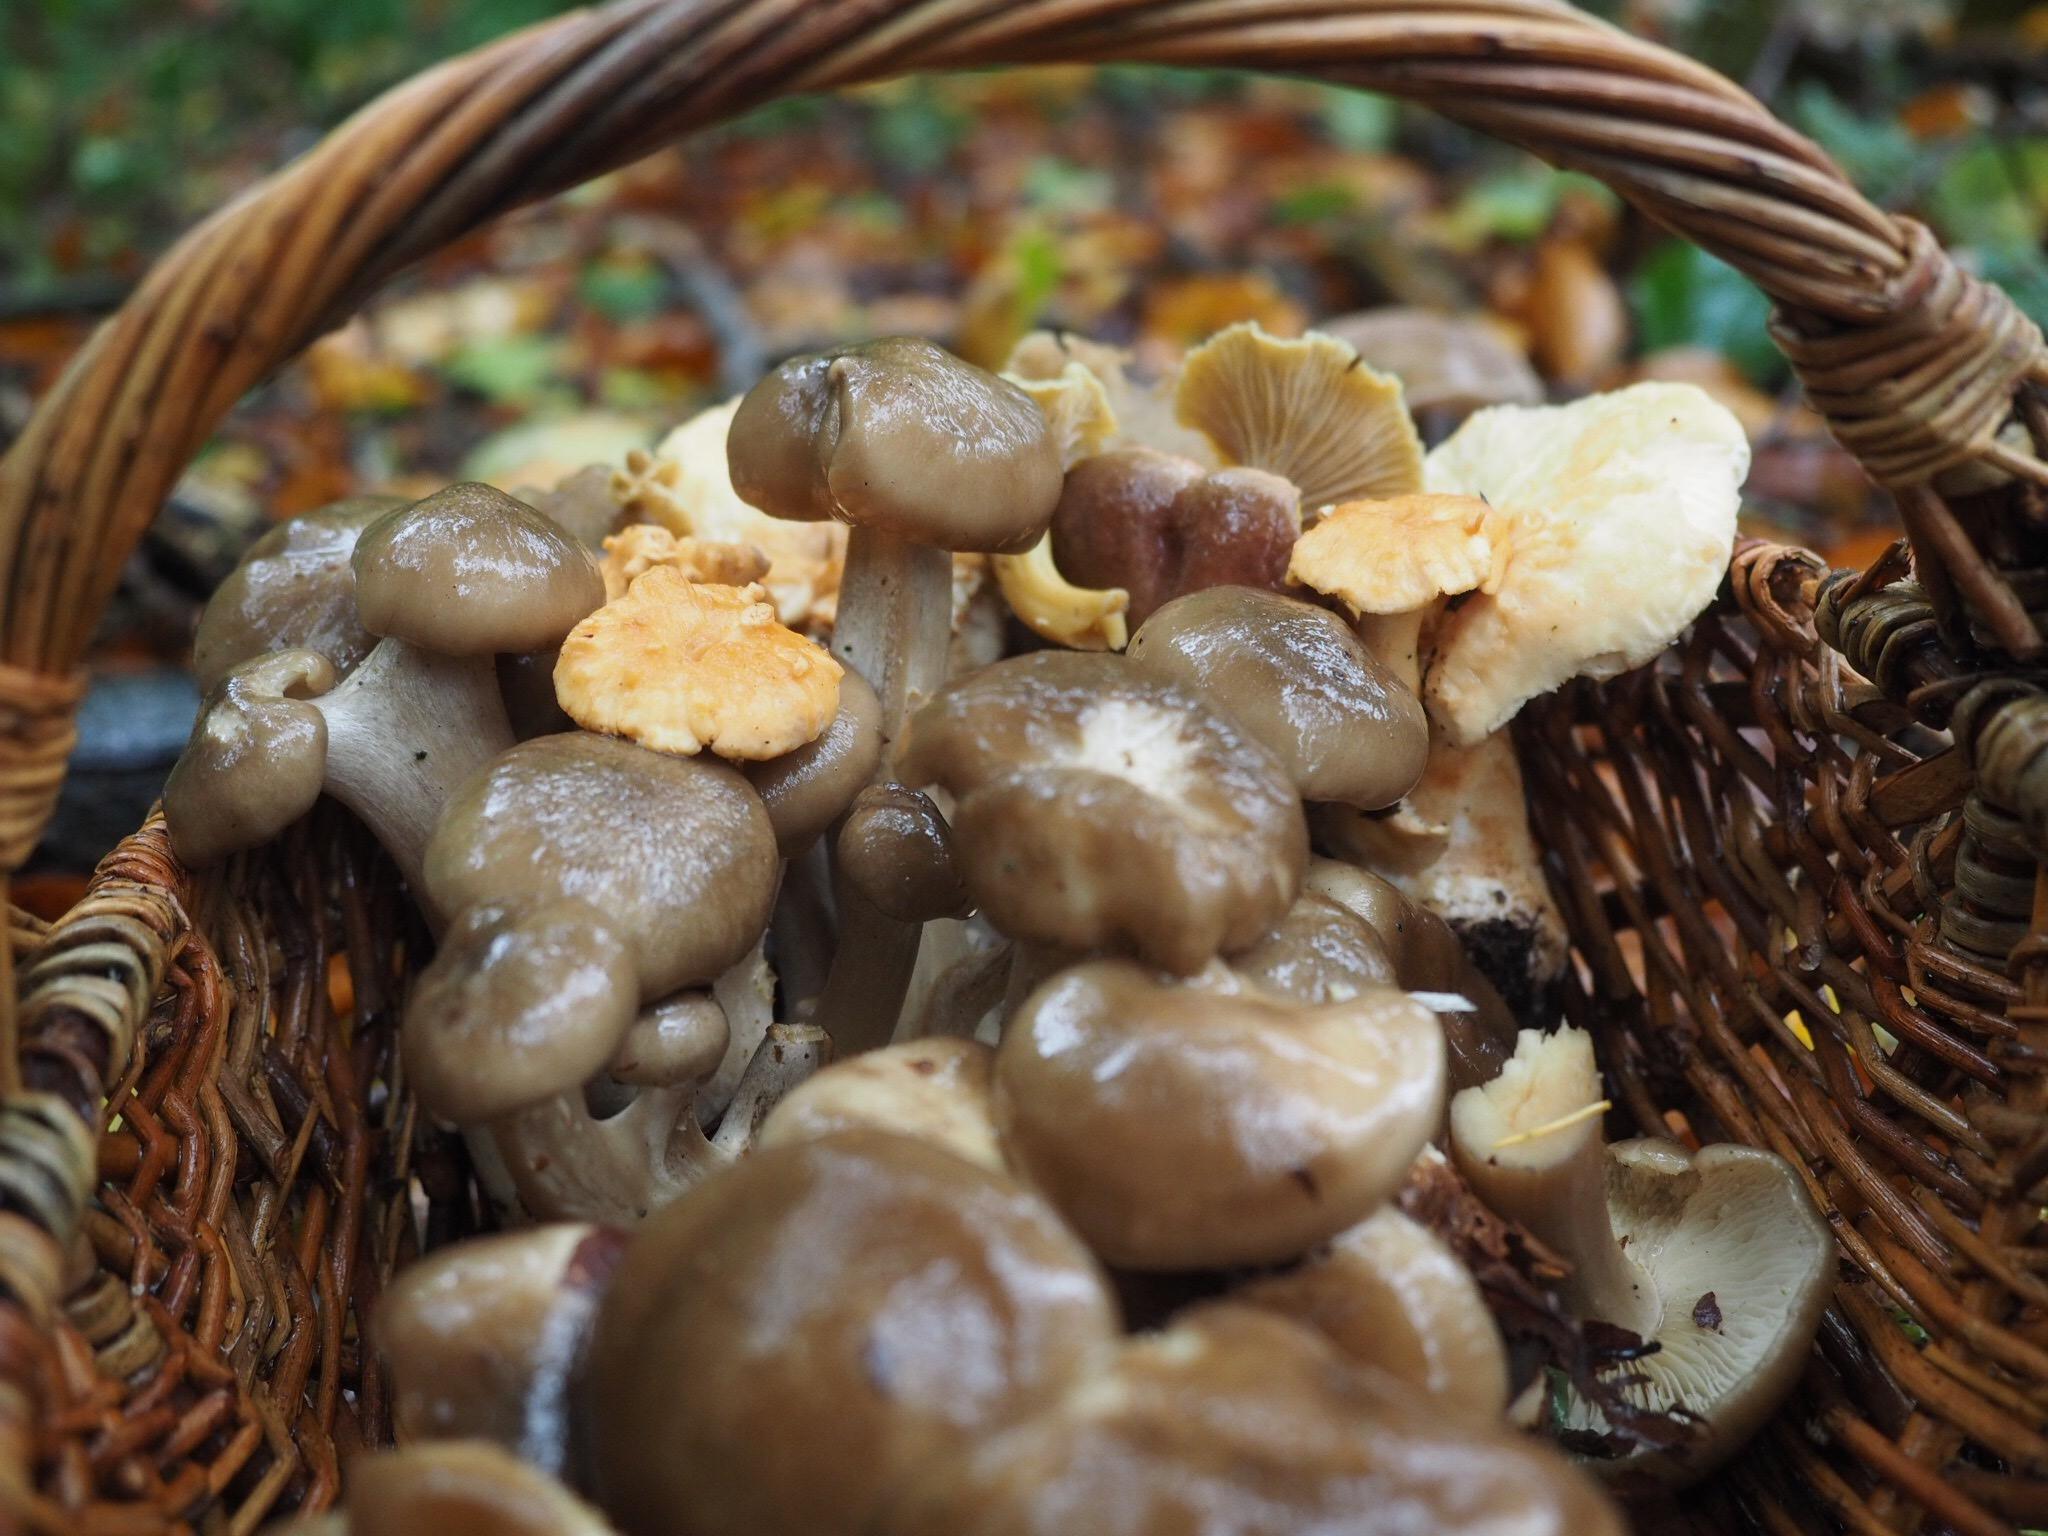 Büschelige Rasling (Lyophyllum decastes)